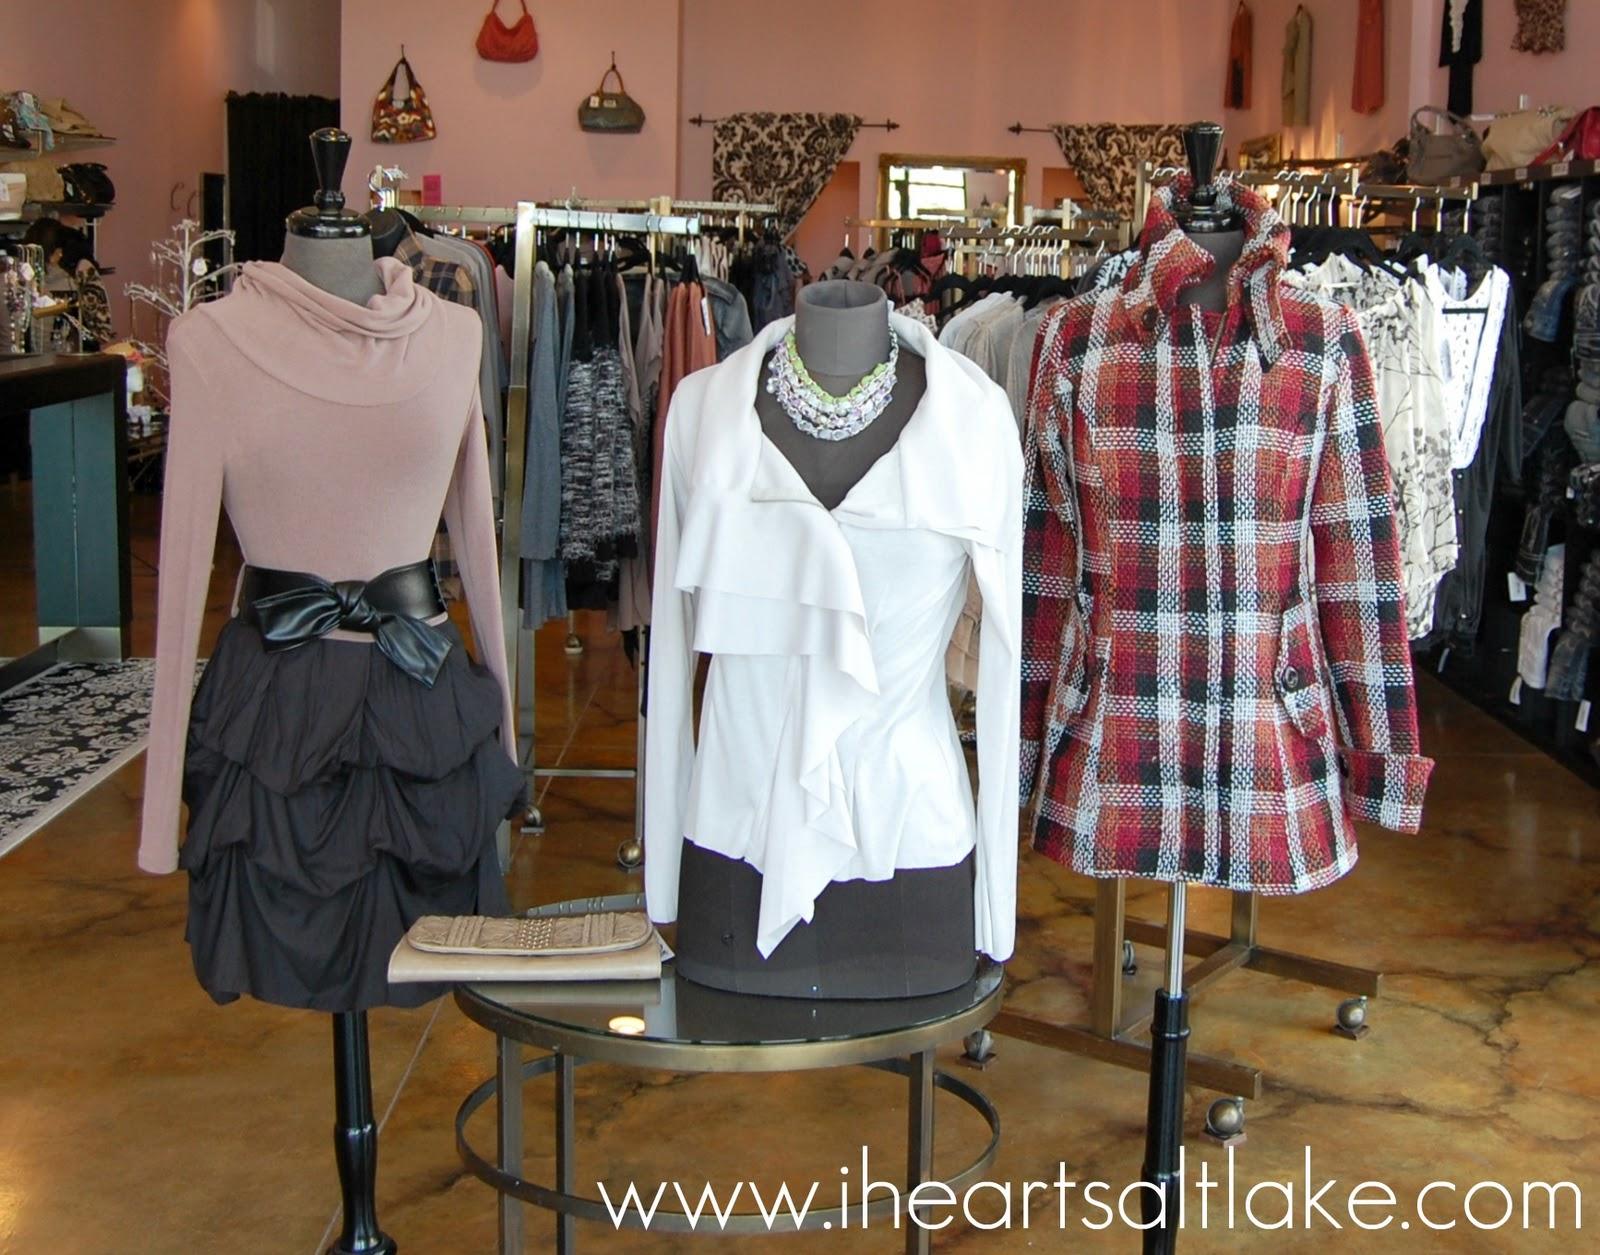 Plus size clothing stores in salt lake city utah